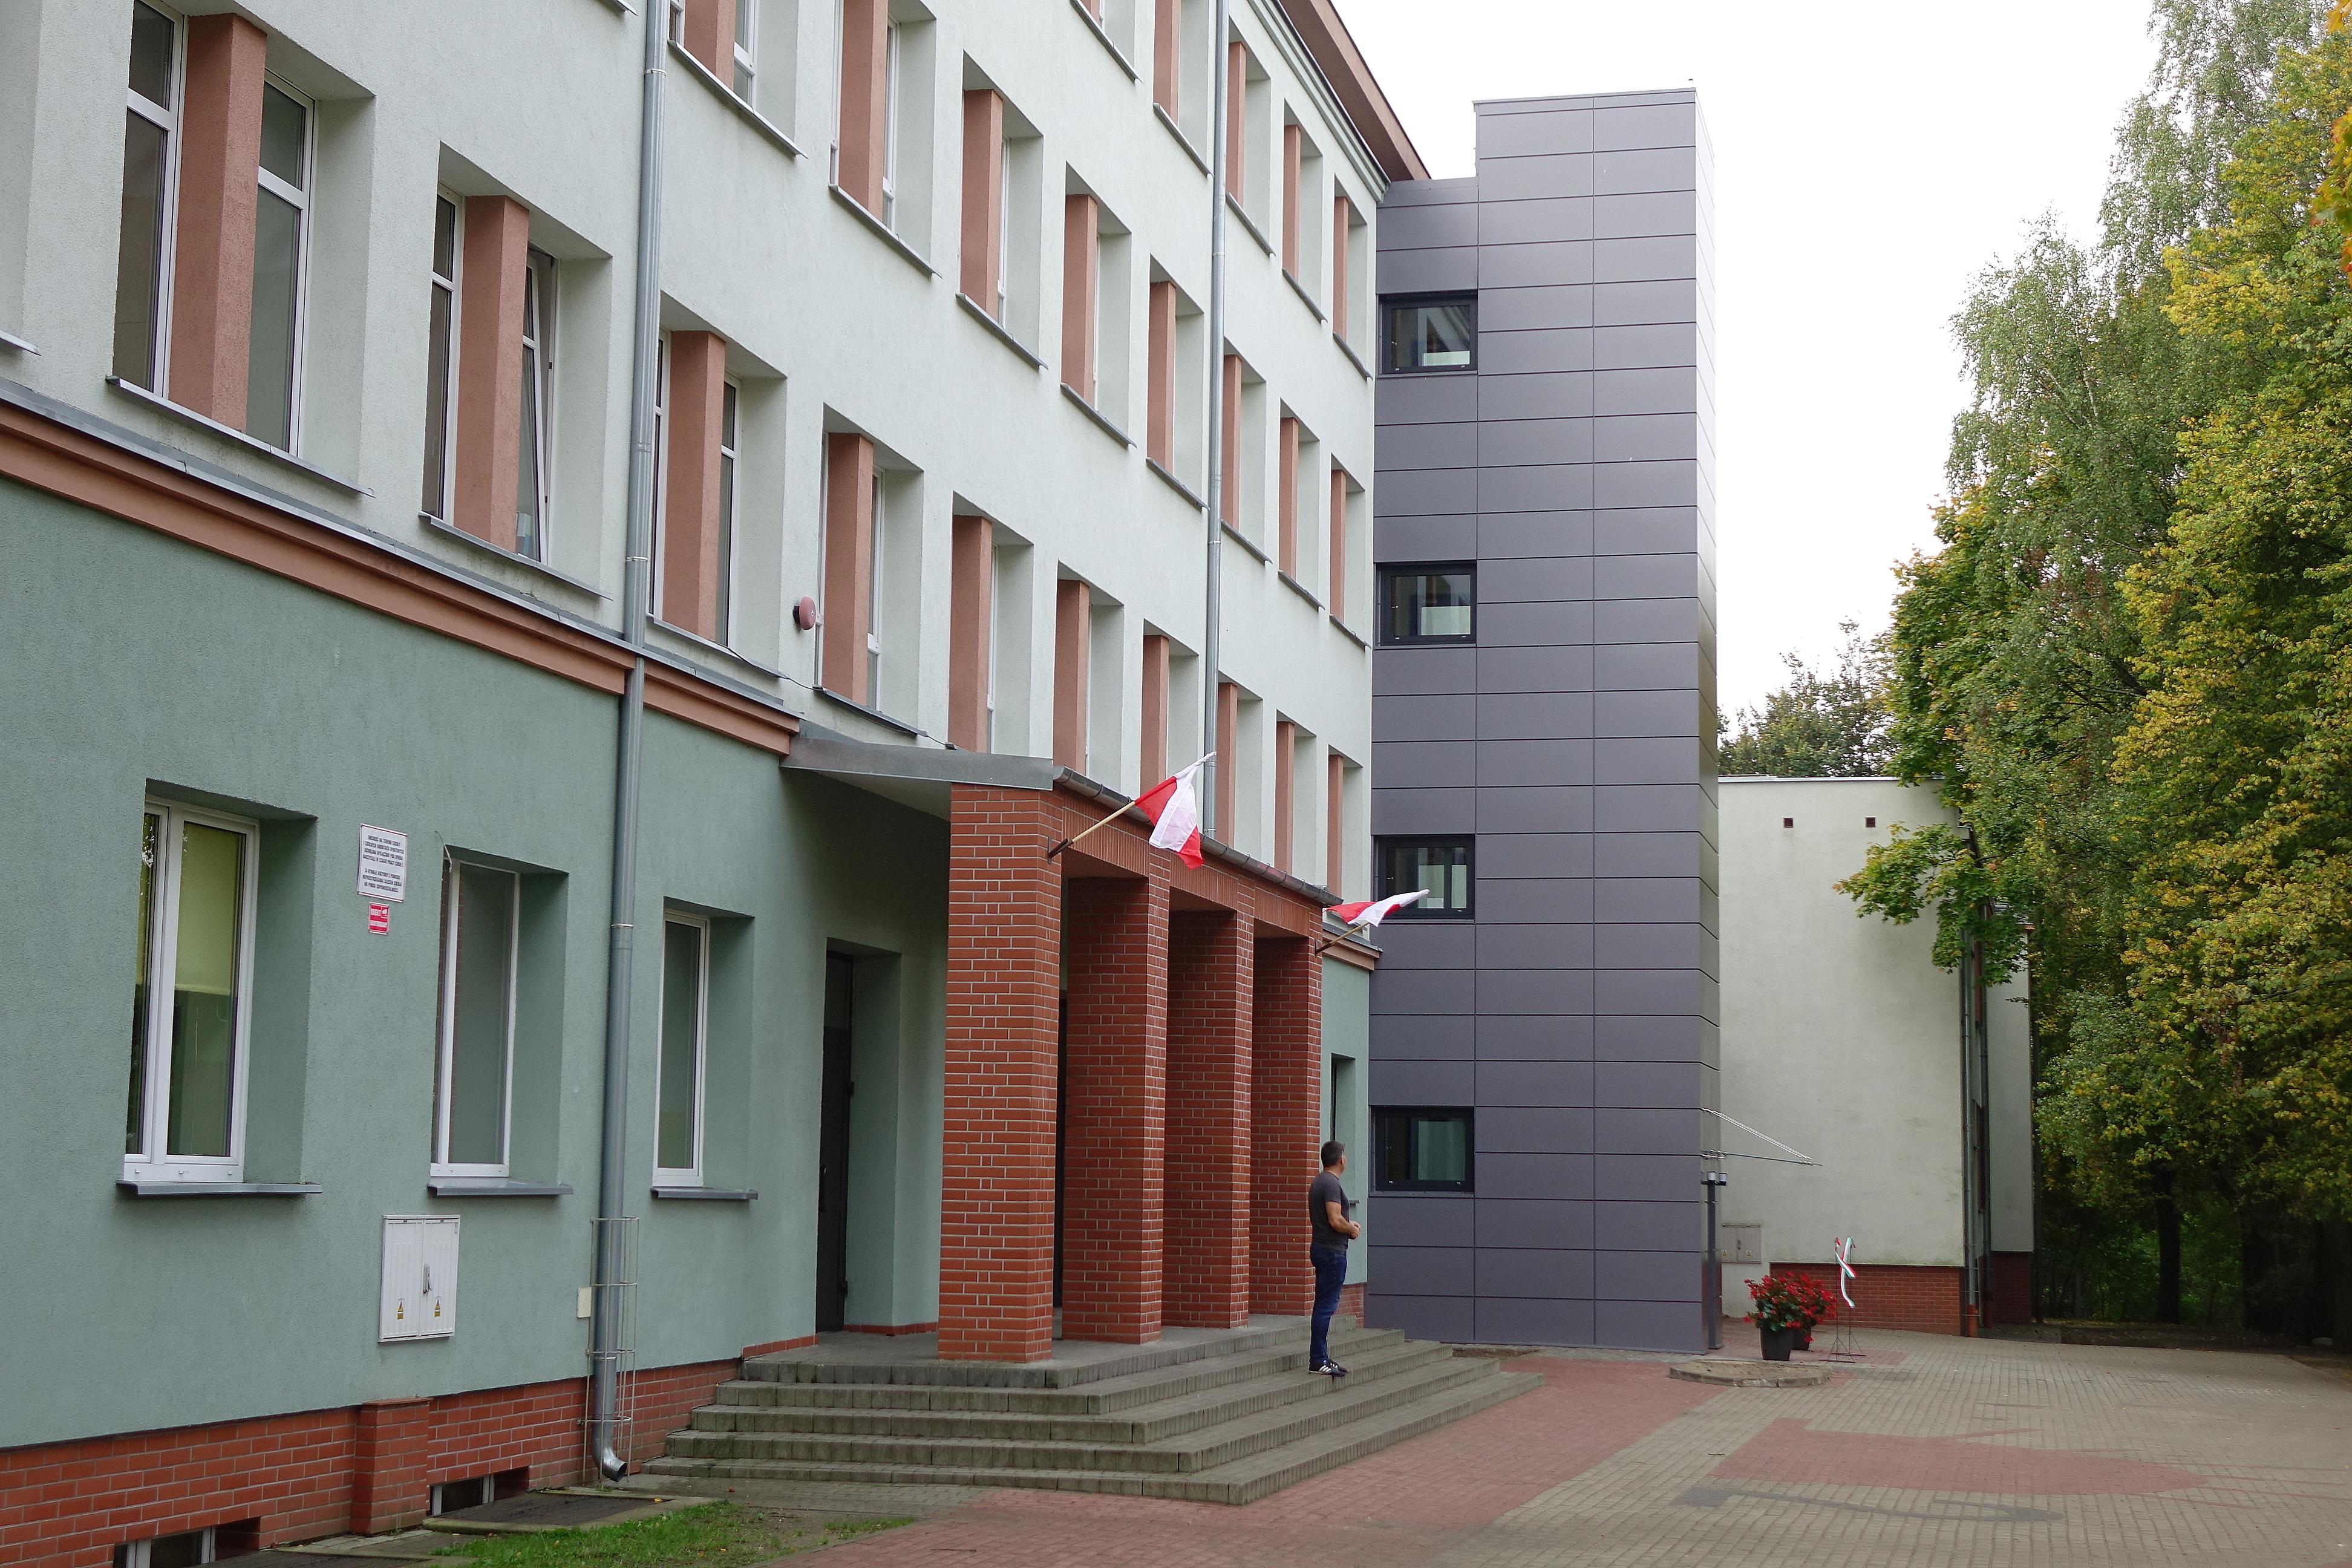 https://m.powiatszczycienski.pl/2019/11/orig/dsc08227-26275.jpg